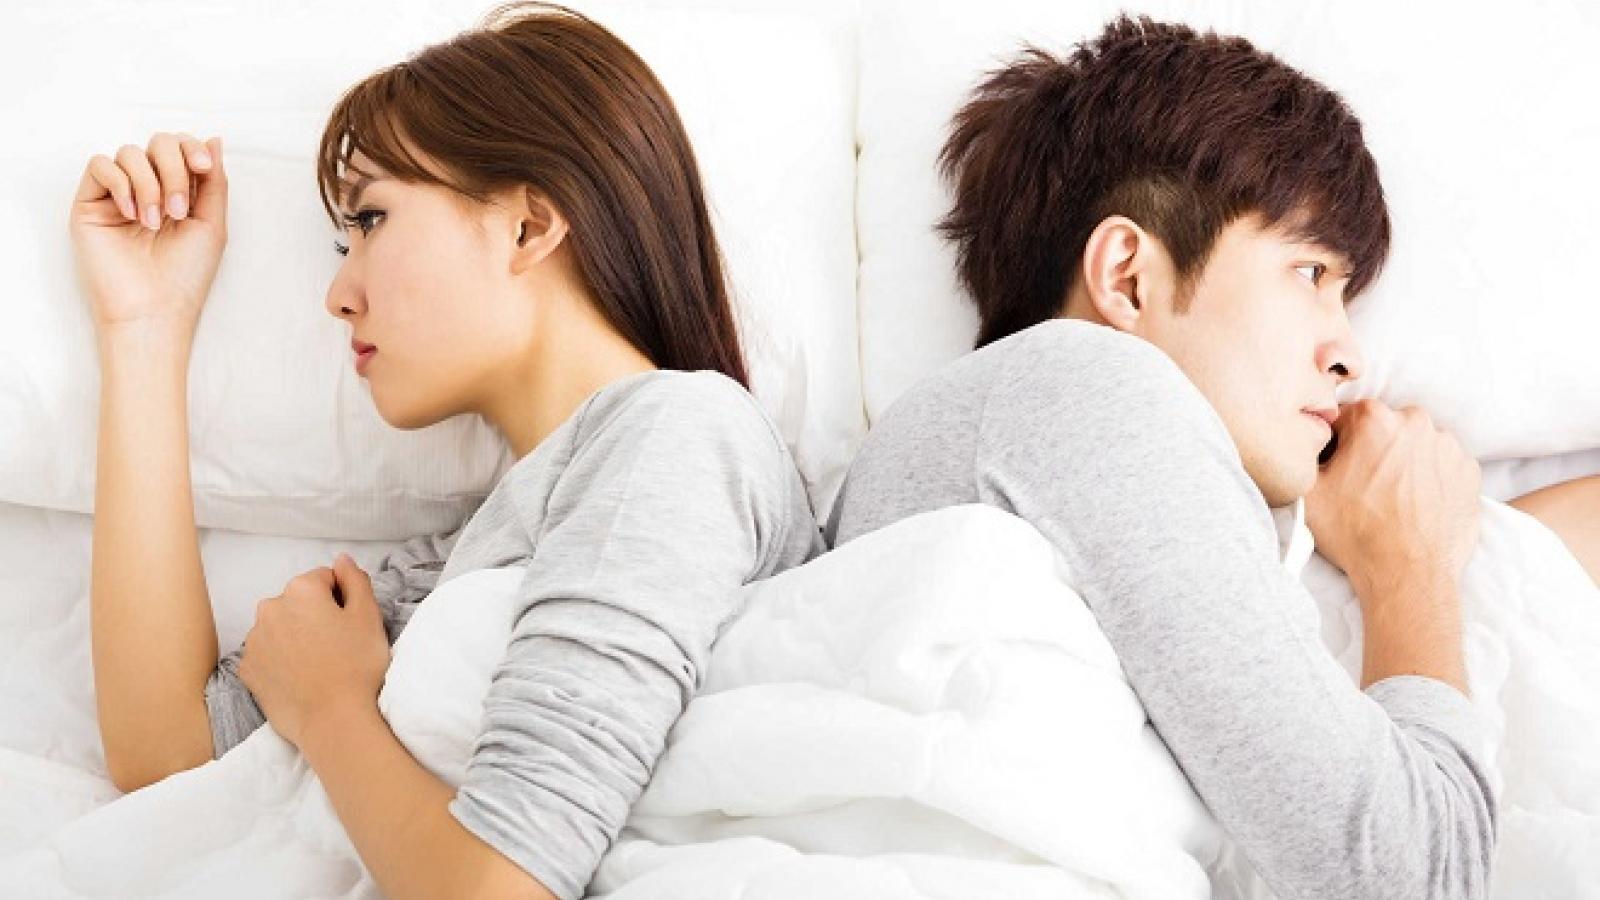 Cuộc sống vợ chồng có thể đi đến hồi kết chỉ vì điều nhỏ nhặt sau...